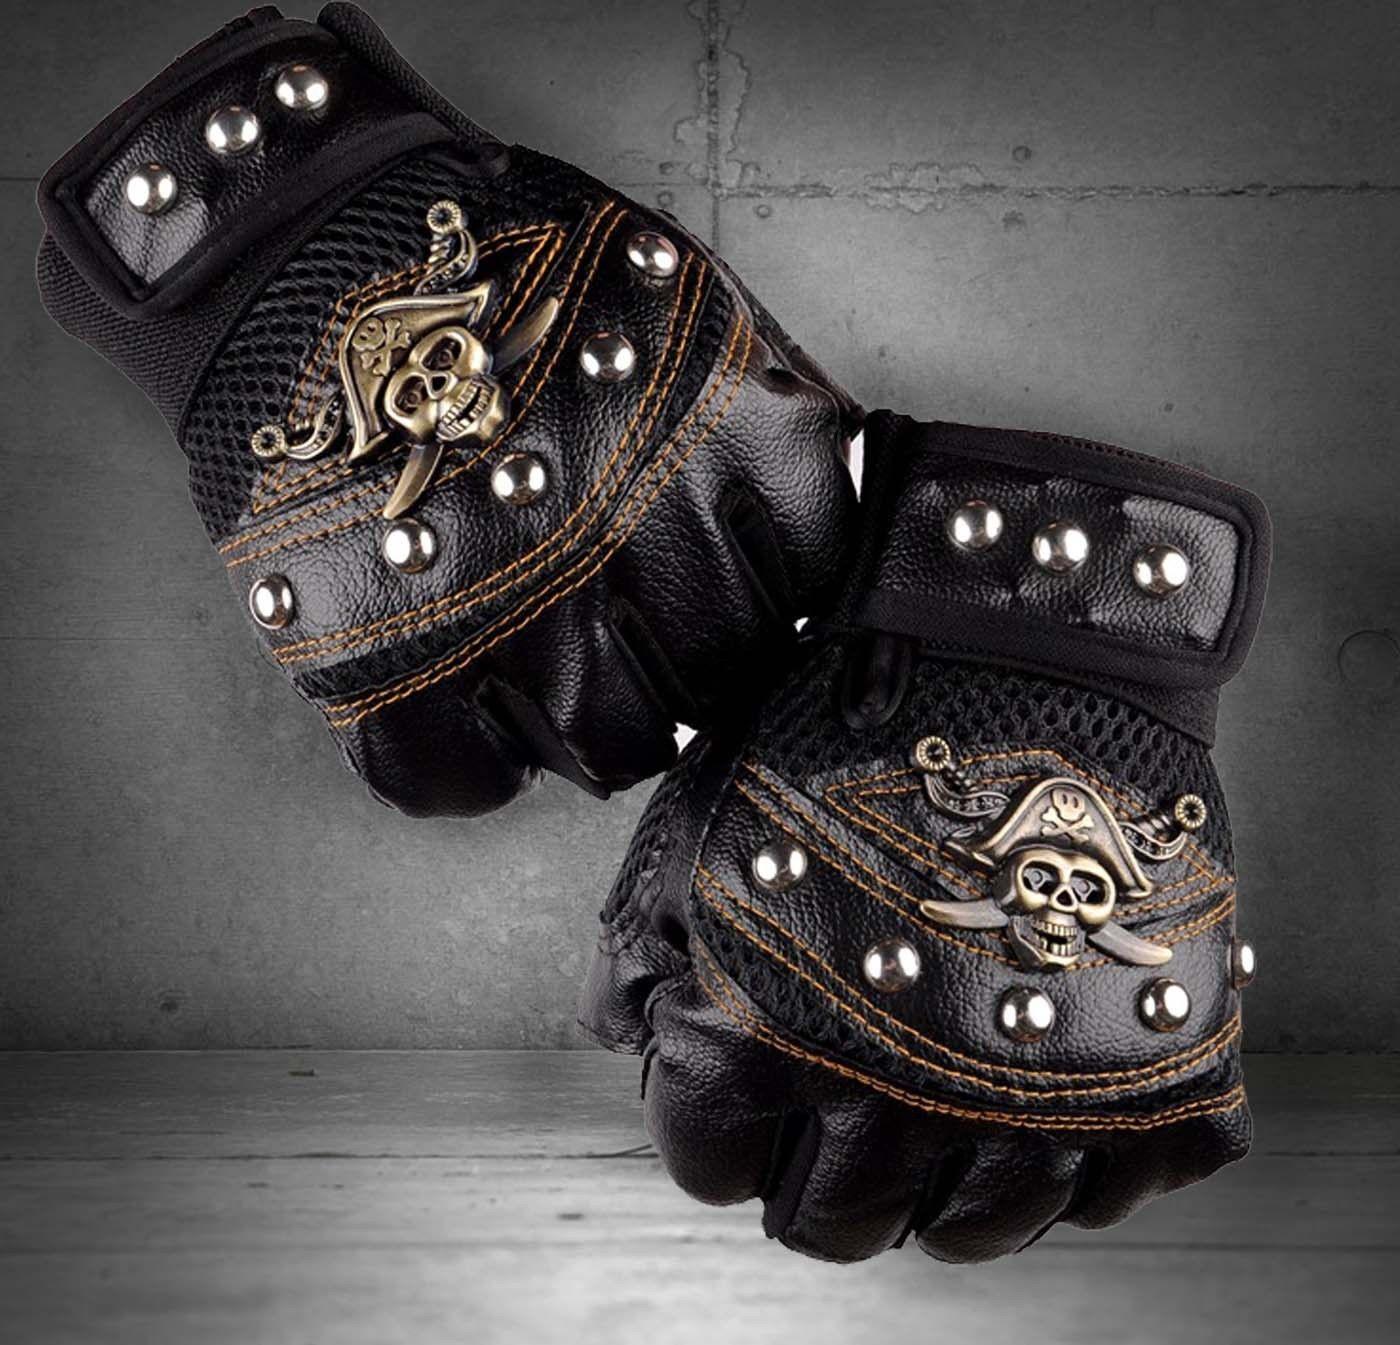 rebelsmarket_mens_punk_skull_stud_biker_driving_motorcycle_fingerless_leather_gloves_gloves_6.jpg